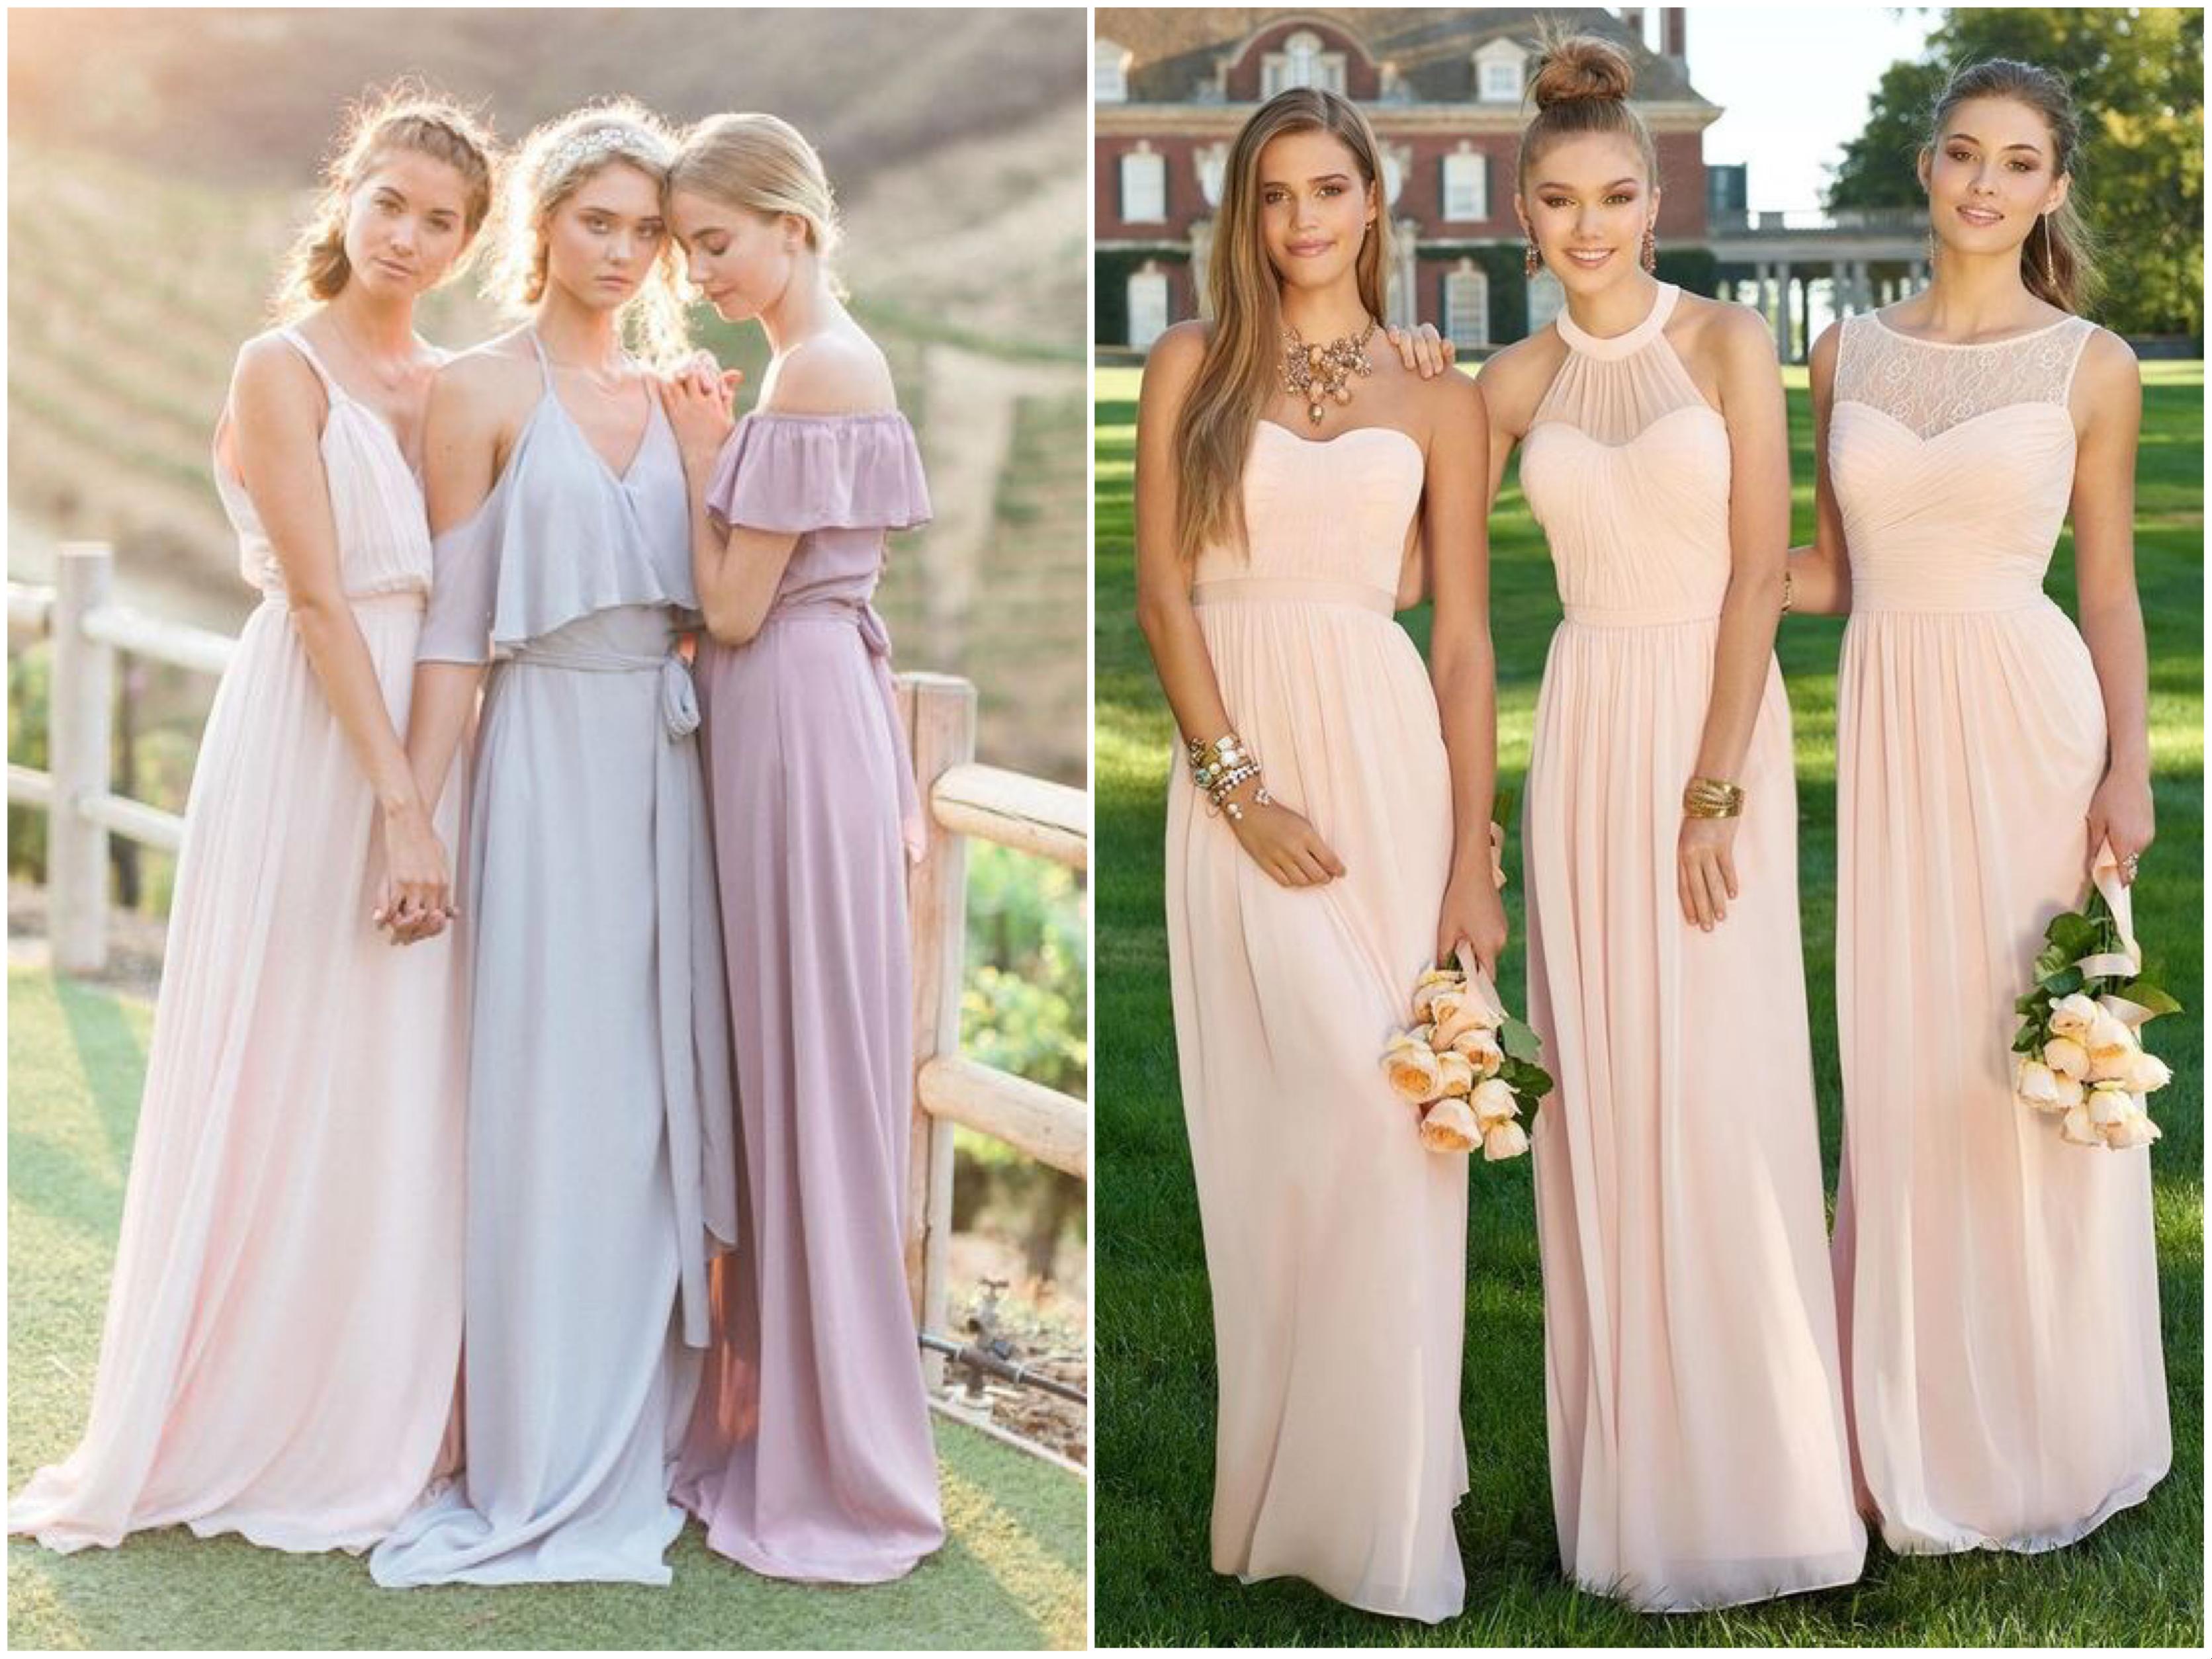 dee50b0e6 Casamento na praia: o que vestir? Dicas e fotos! | Fabiana Scaranzi